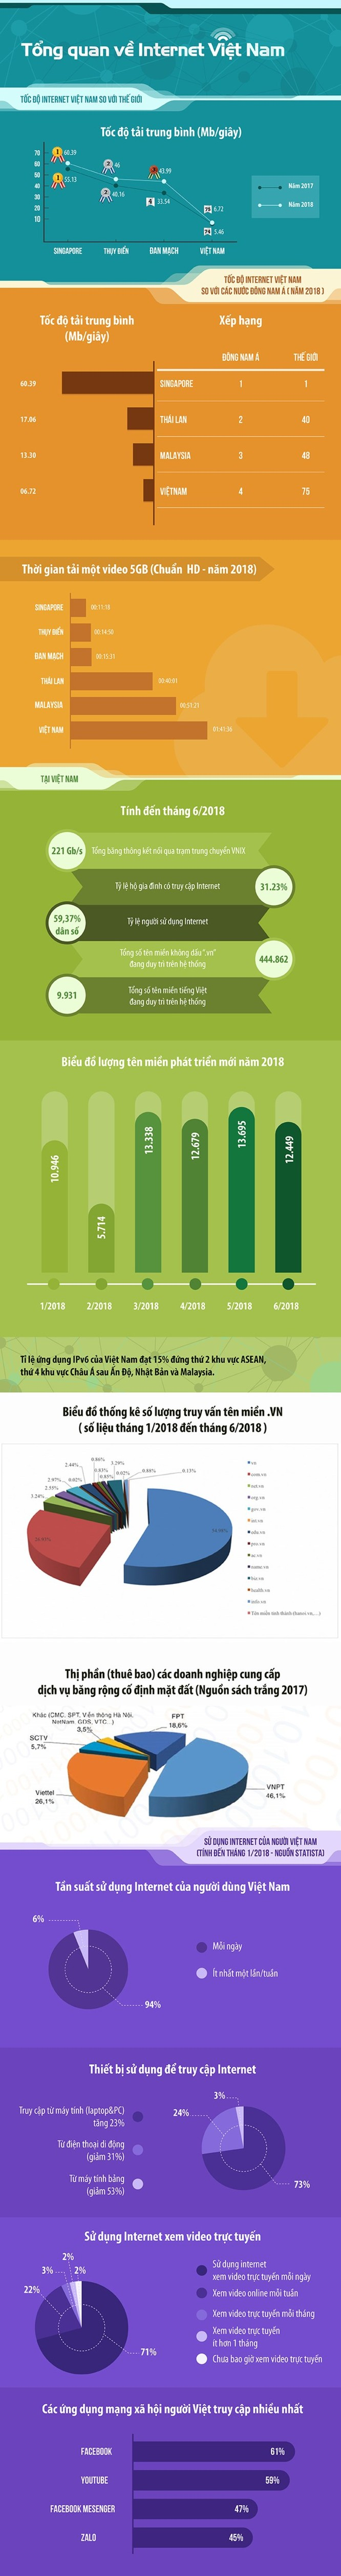 Những con số đáng chú ý về Internet của Việt Nam ảnh 1